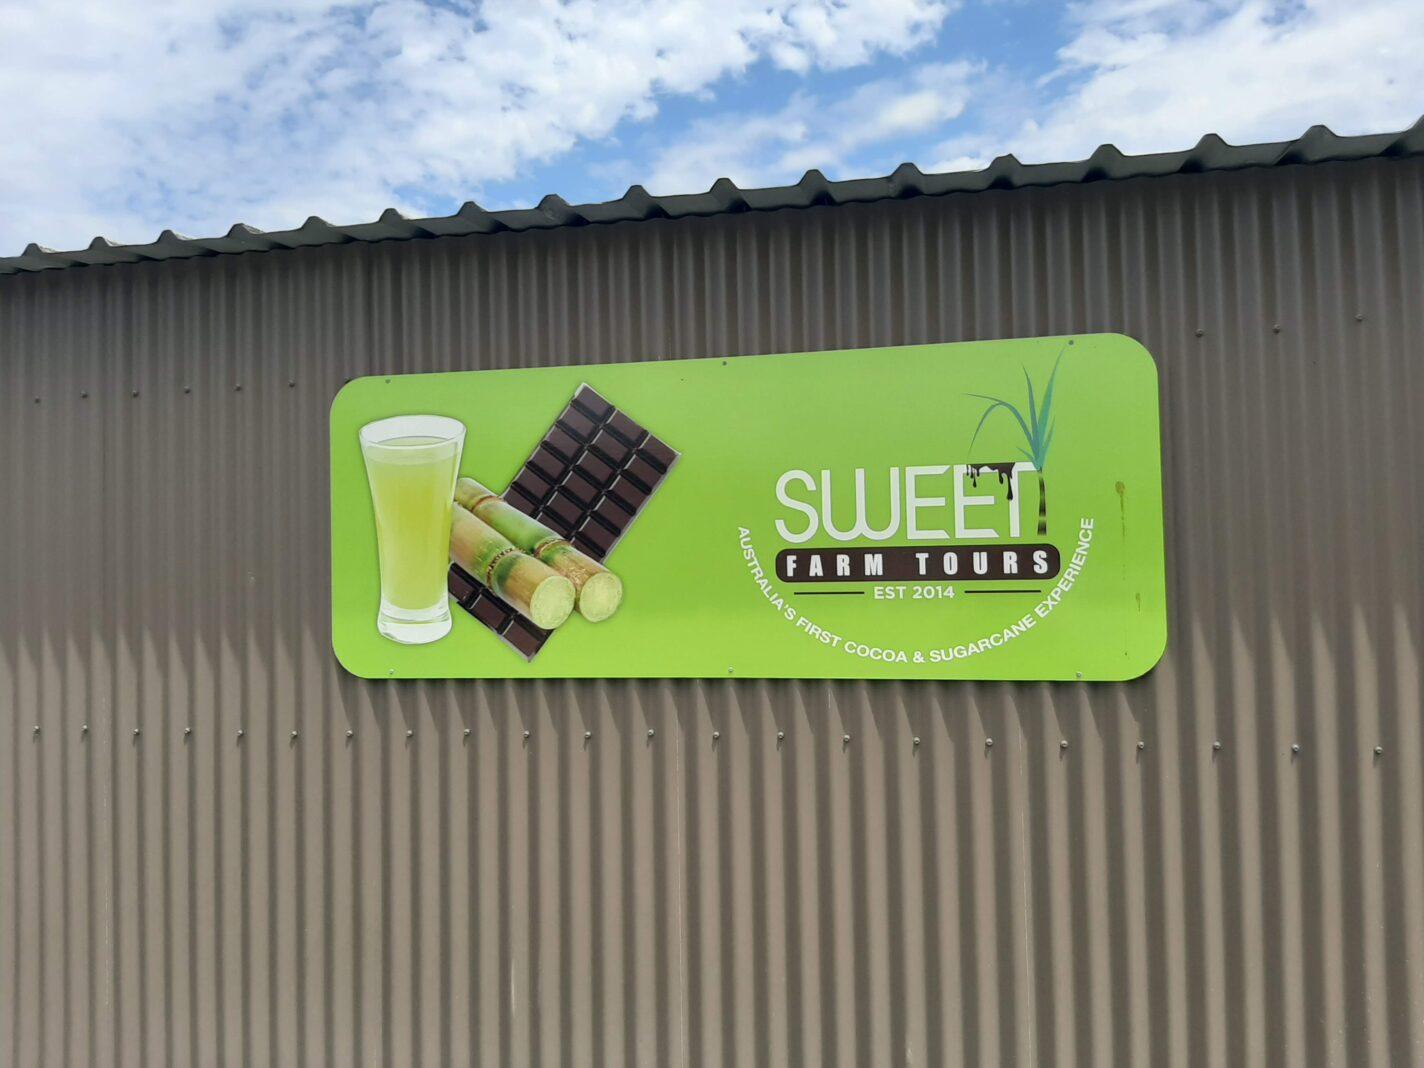 Sweet Farm Tours in Noord-Queensland